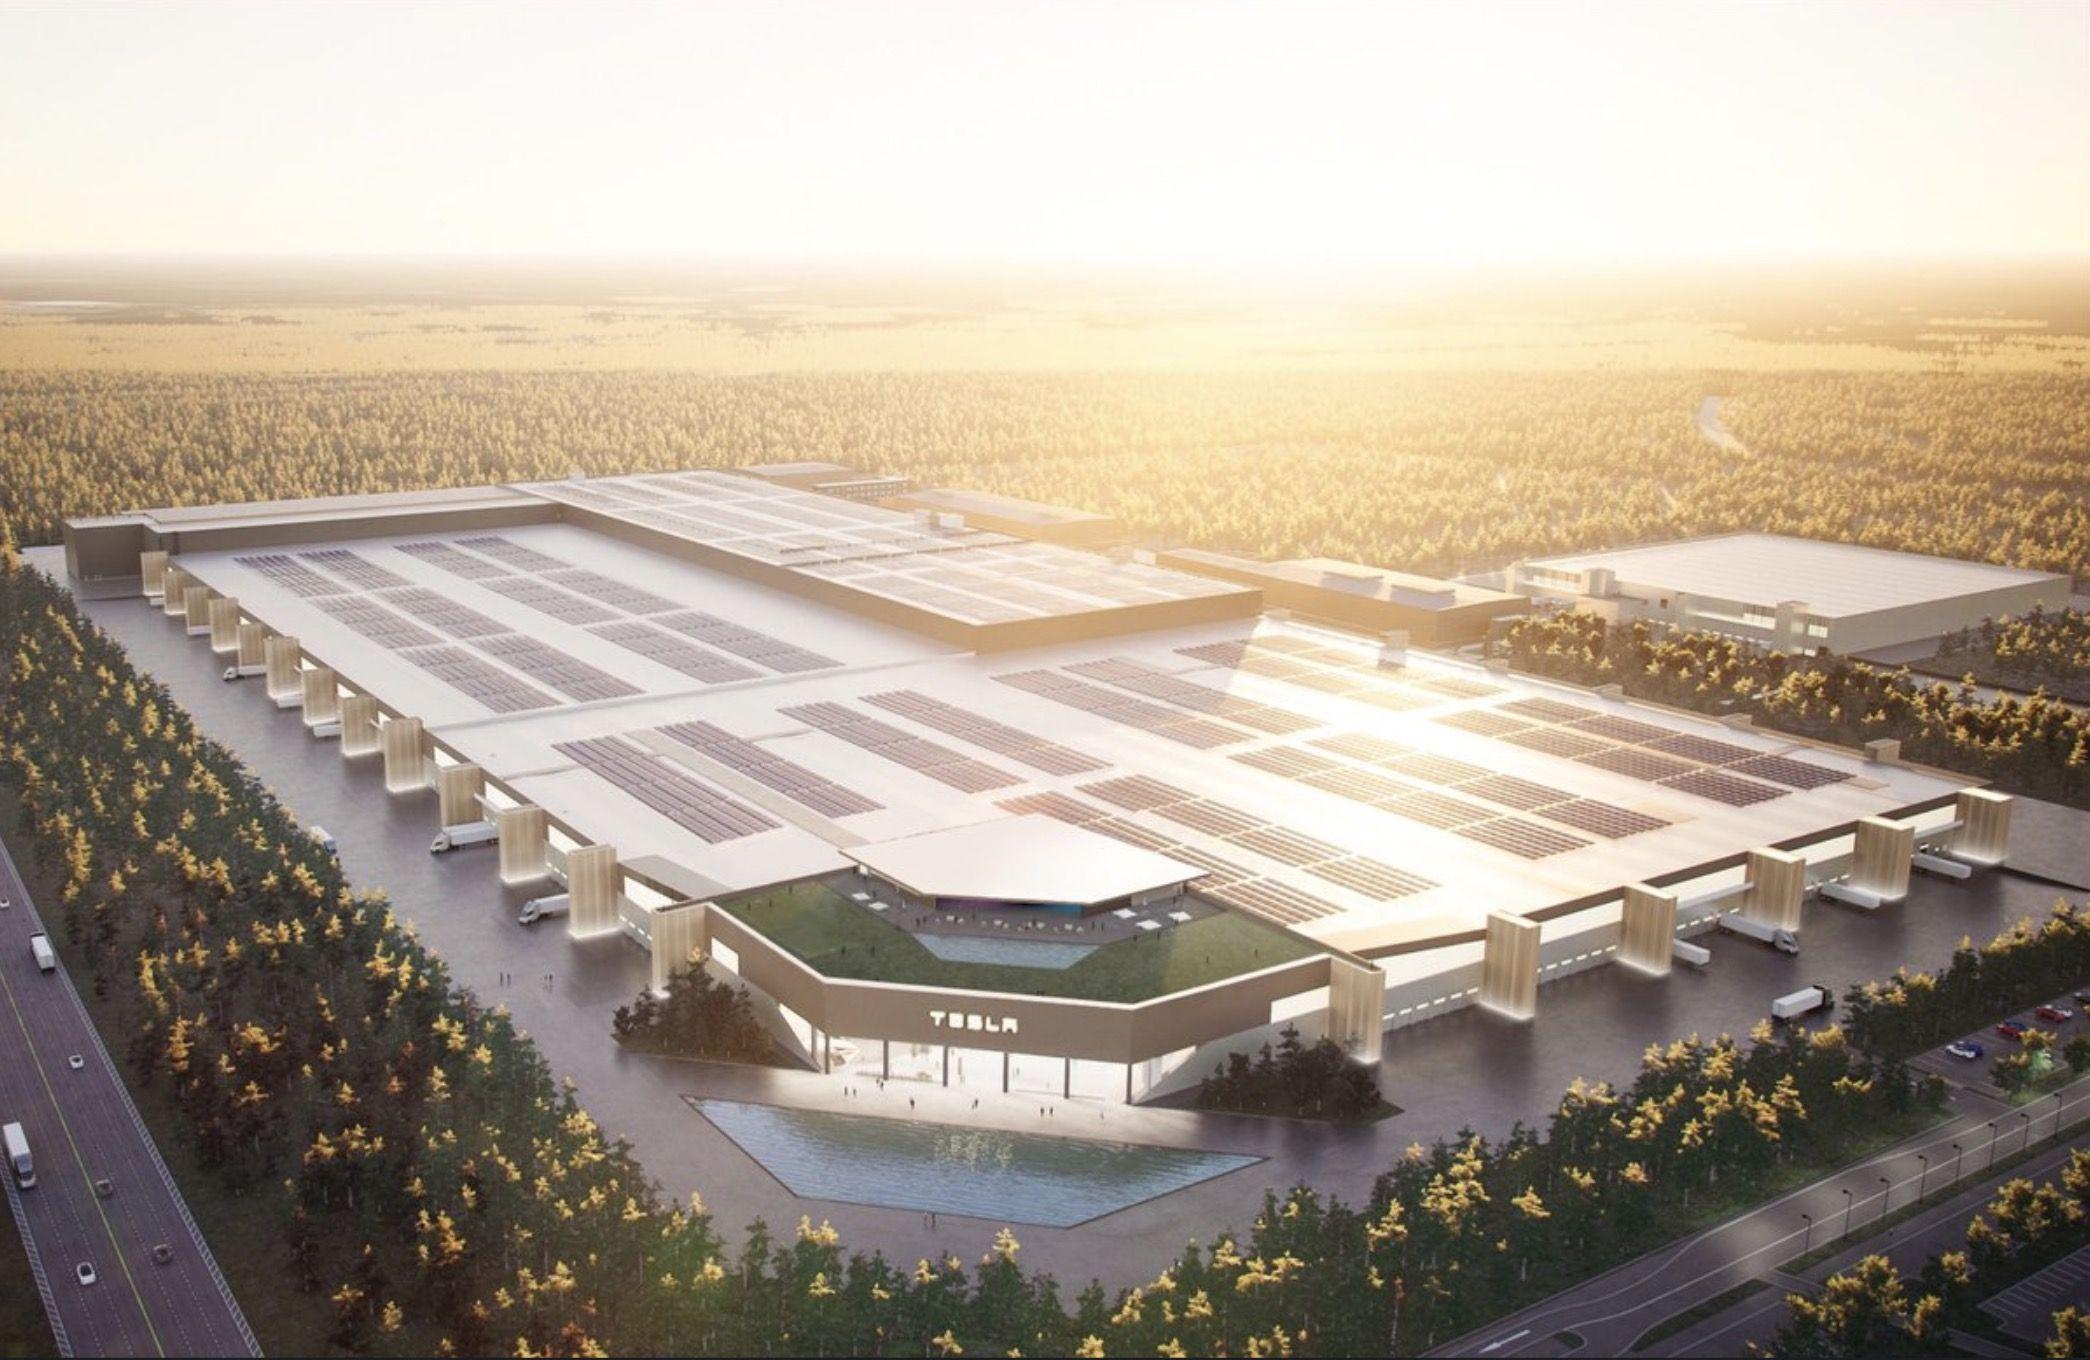 Elon Musk Releases Stunning Render Of Tesla Gigafactory Berlin When Completed Tesla Factory Tesla Elon Musk